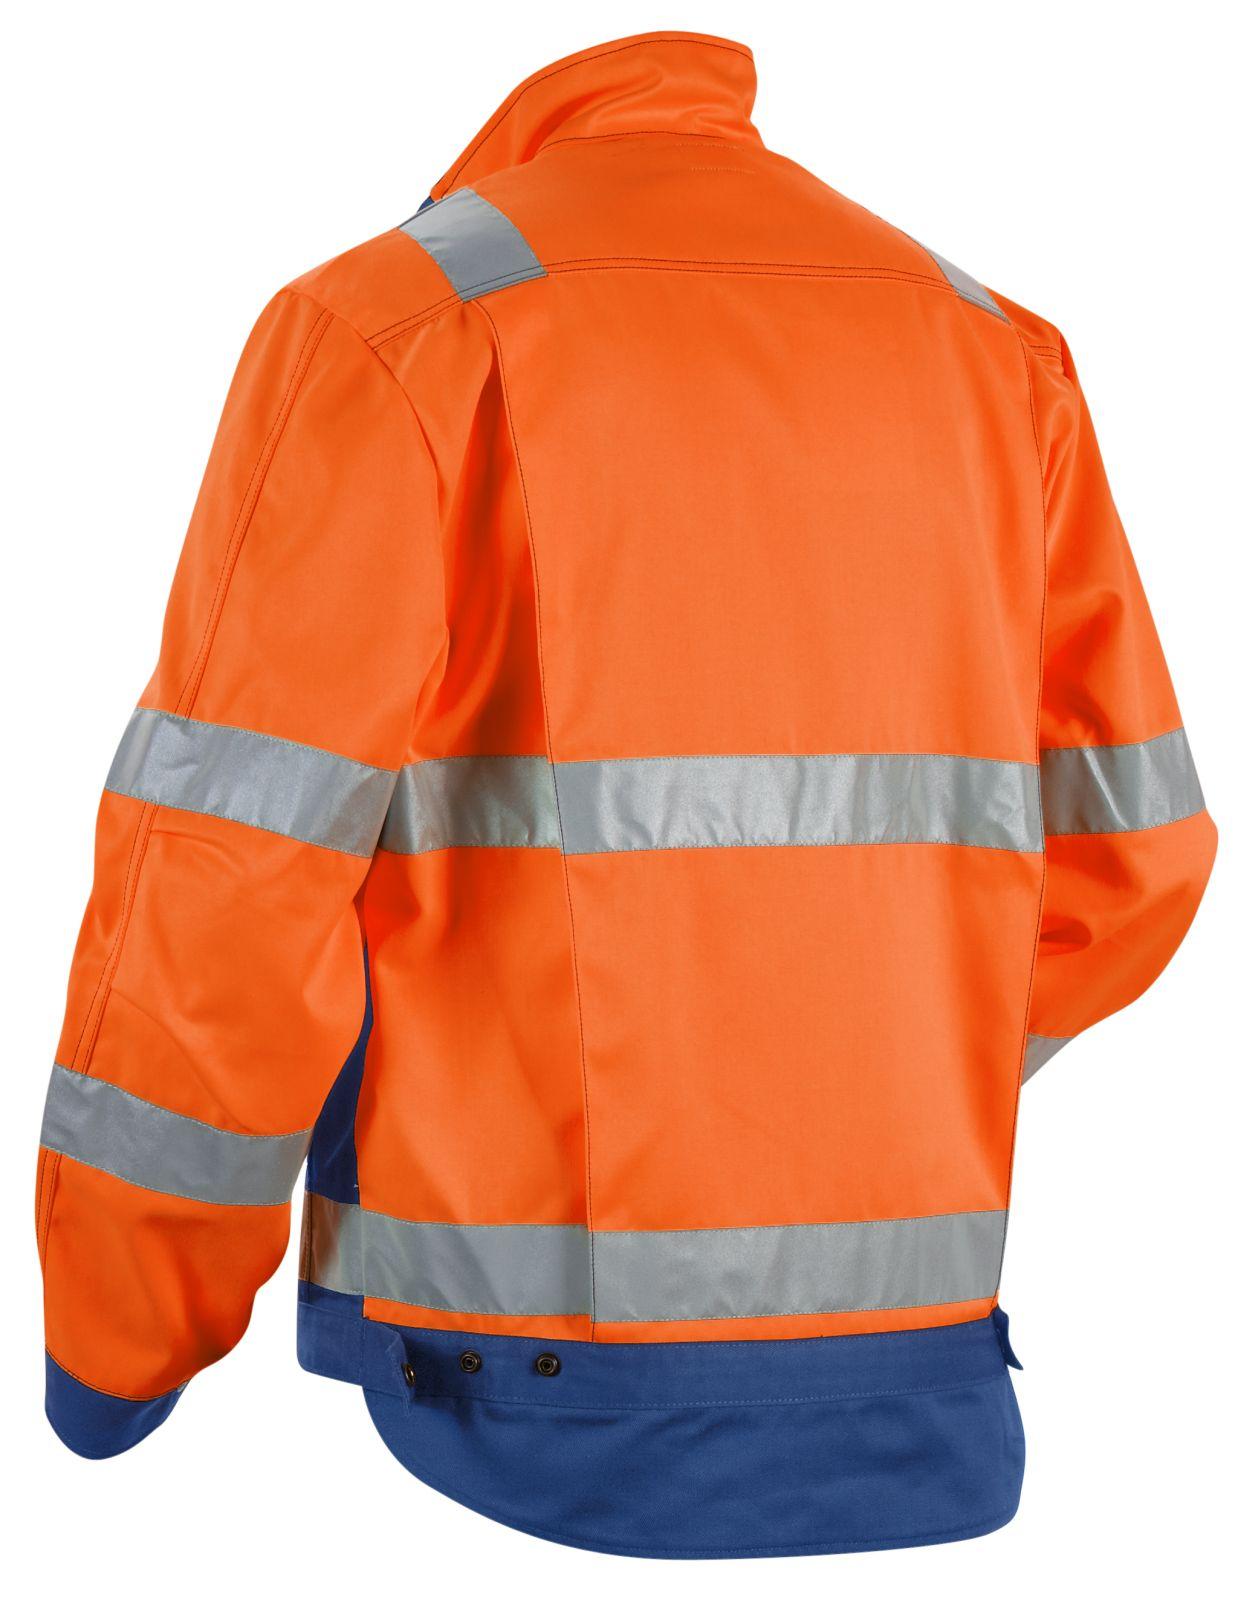 Blaklader Jassen 40231804 High Vis fluo oranje-korenblauw(5385)